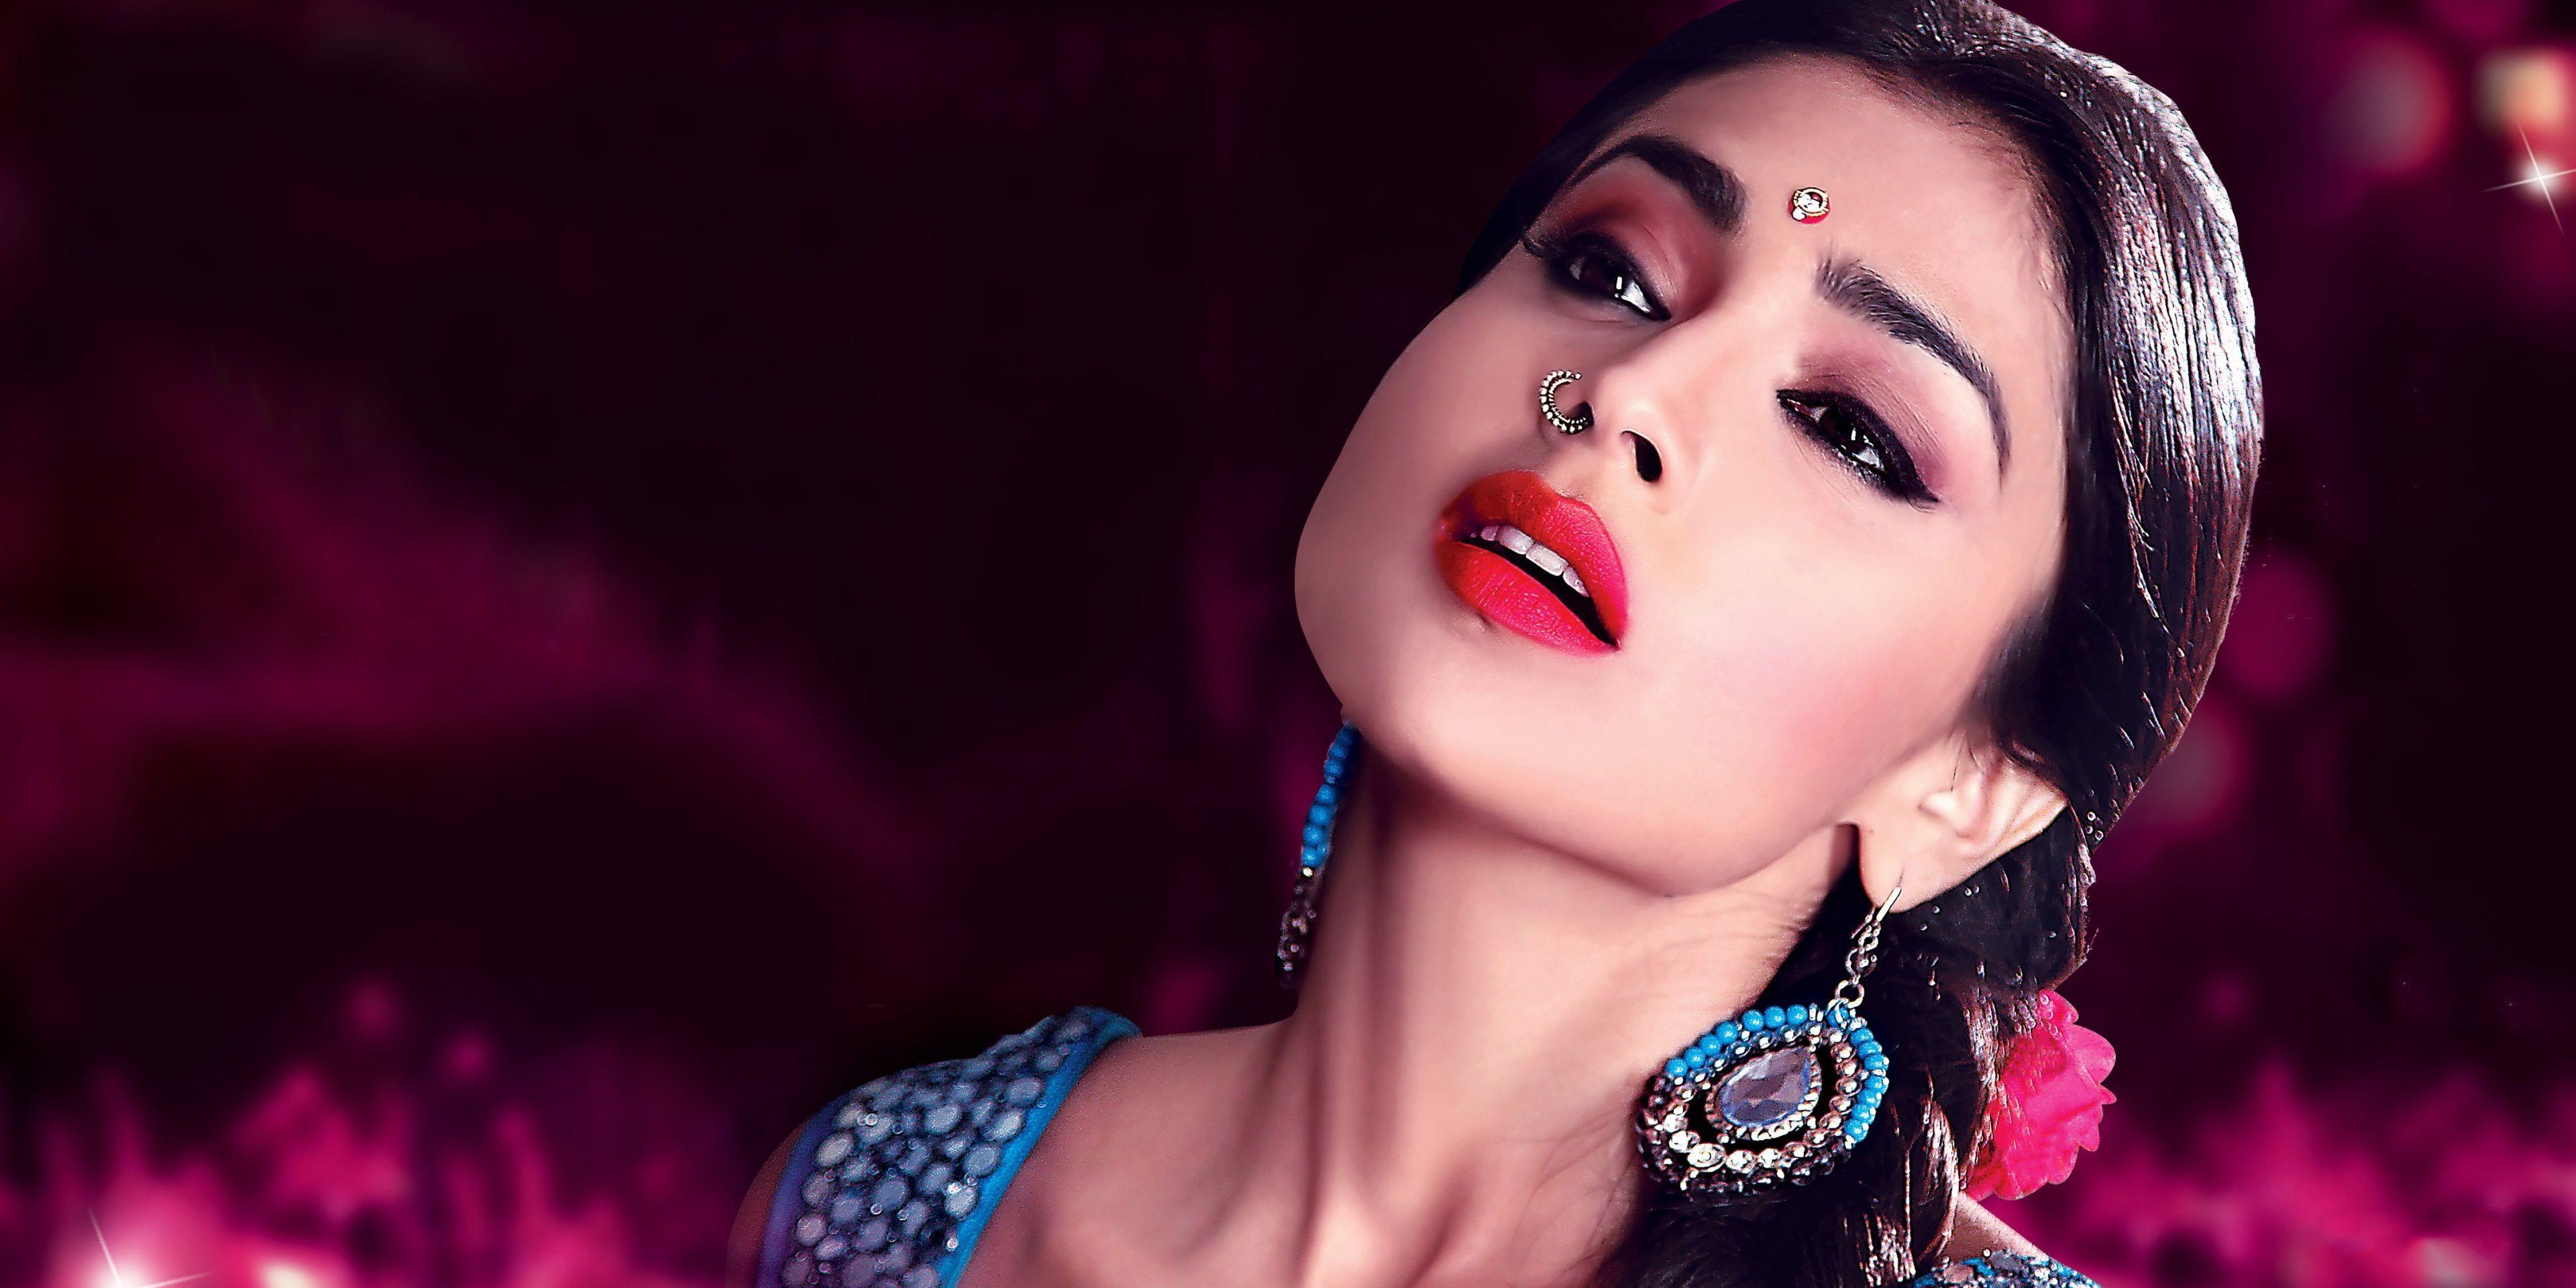 3840x1920 Shriya Saran 4k Desktop Background Hd Wallpaper Actresses Bollywood Indian Actresses